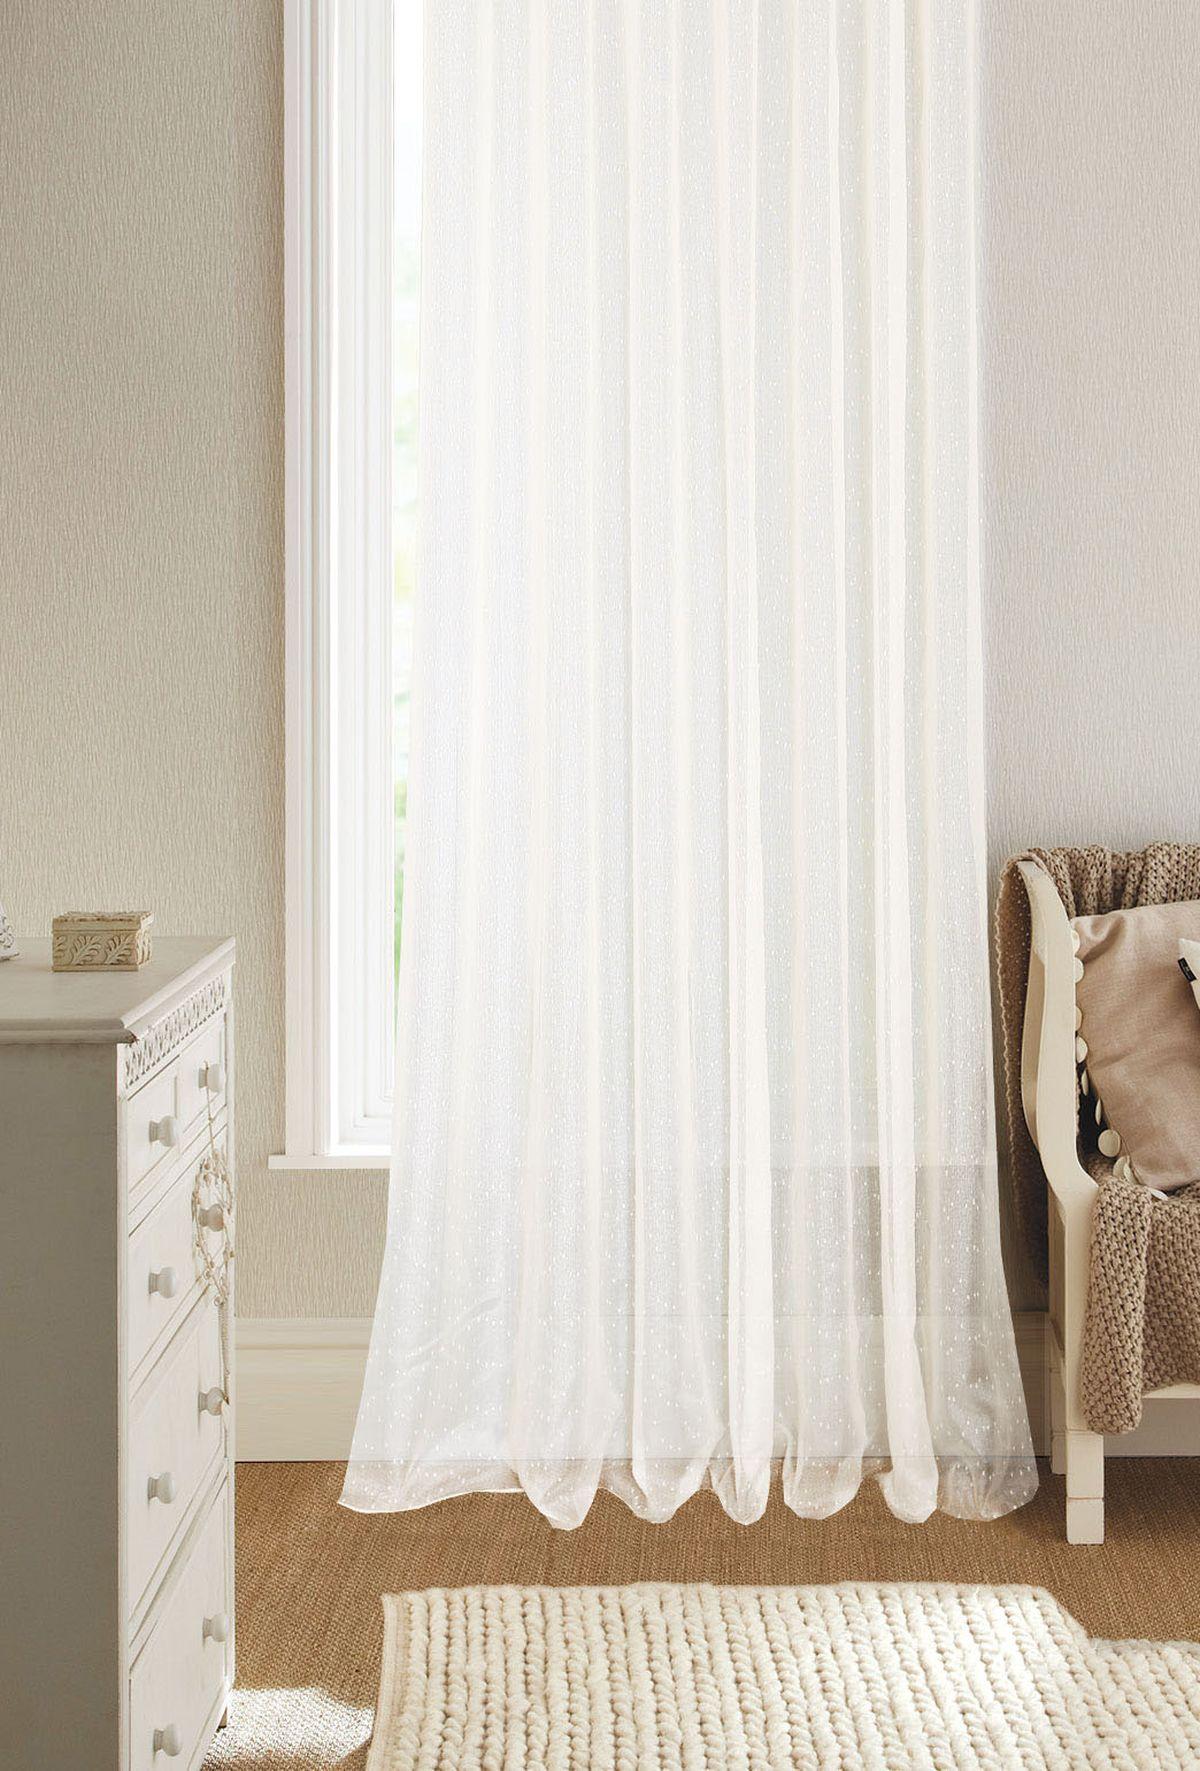 Штора Garden, на ленте, цвет: белый, 300 х 260 см. С W015 V71002С W015 V71002Изящная штора для гостиной Garden выполнена из ткани с оригинальной структурой. Приятная текстура и цвет штор привлекут к себе внимание и органично впишутся в интерьер помещения. Штора крепится на карниз при помощи ленты, которая поможет красиво и равномерно задрапировать верх.